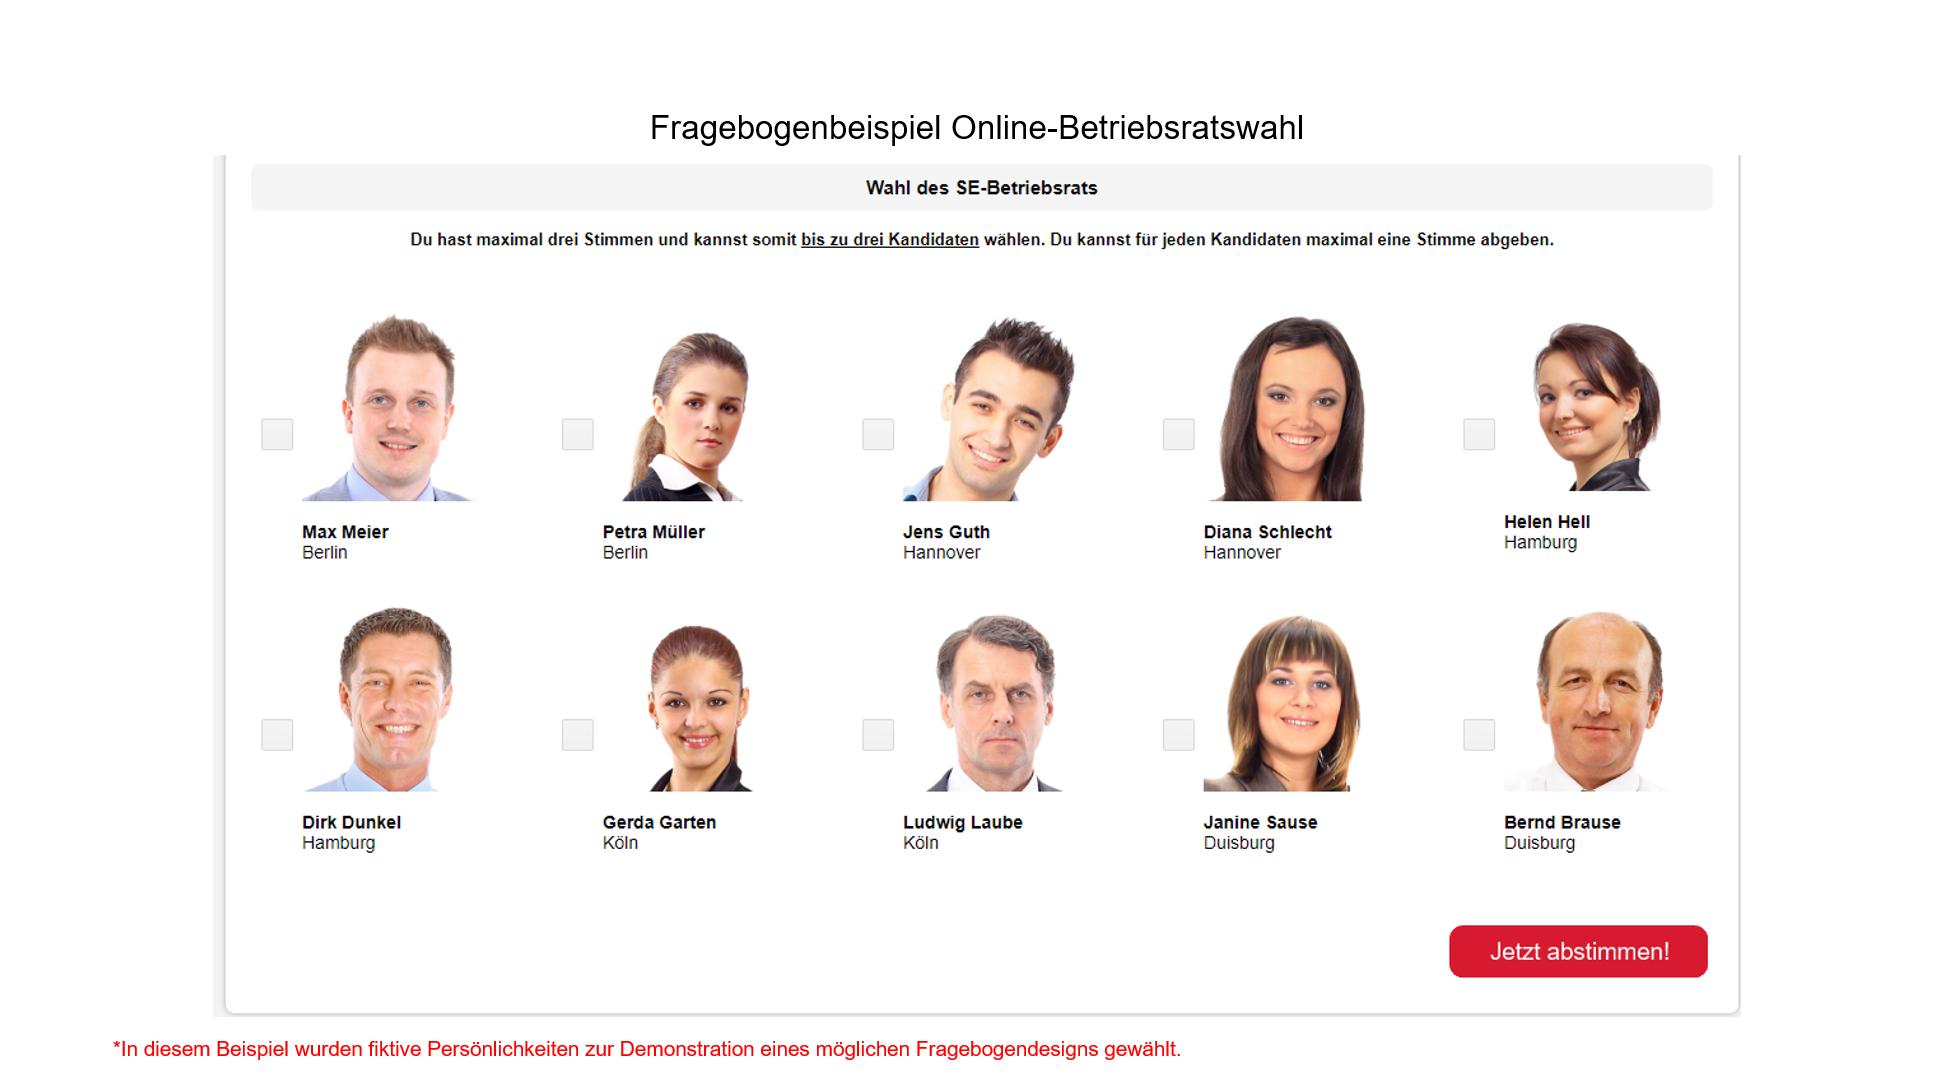 Betriebswahl, Mitbestimmung Fragebogenbeispiel Online-Betriebsratswahl Slide 6